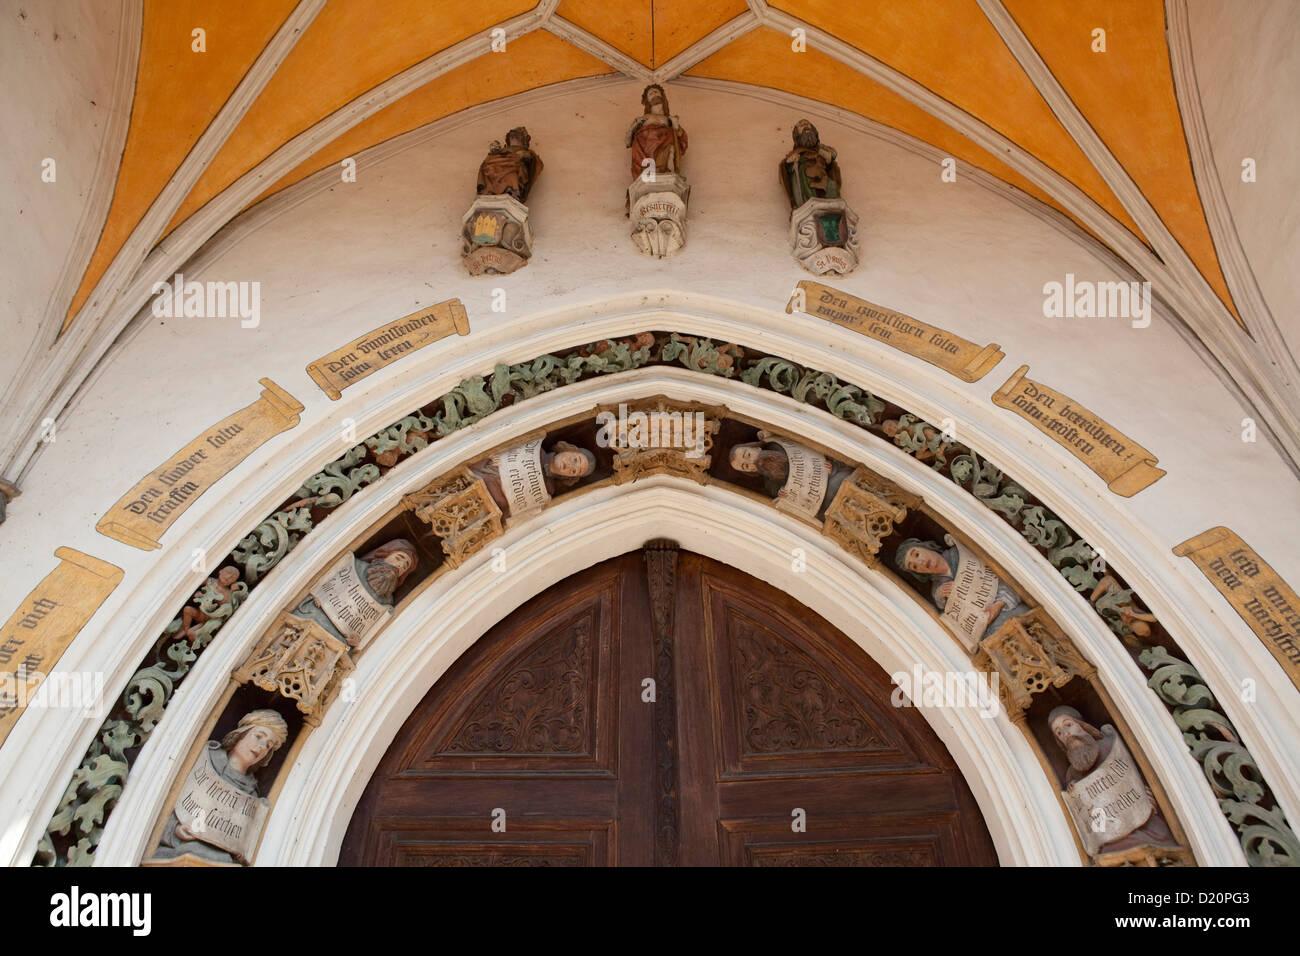 Figurative Dekoration auf dem Portal der Kirche von St. Joduk, Landshut, untere Bayern, Bayern, Deutschland, Europa Stockbild